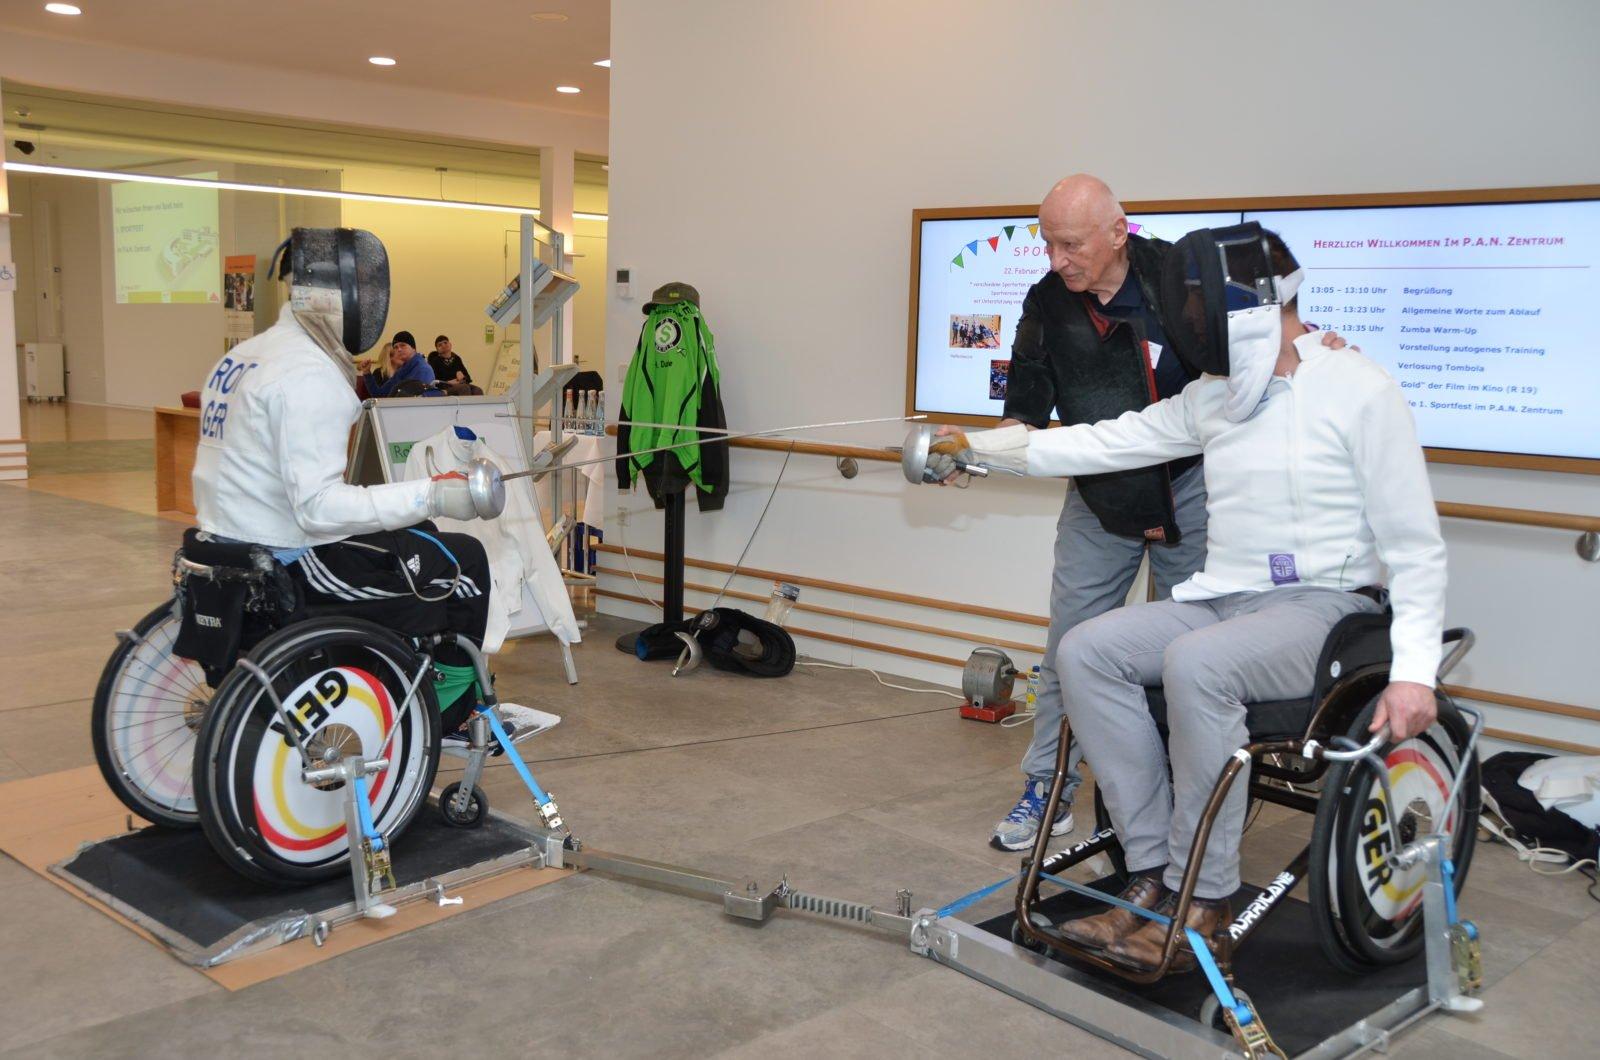 Zwei Rollstuhlfechter in voller Montur beim Sportfest im P.A.N. Zentrum 2017.